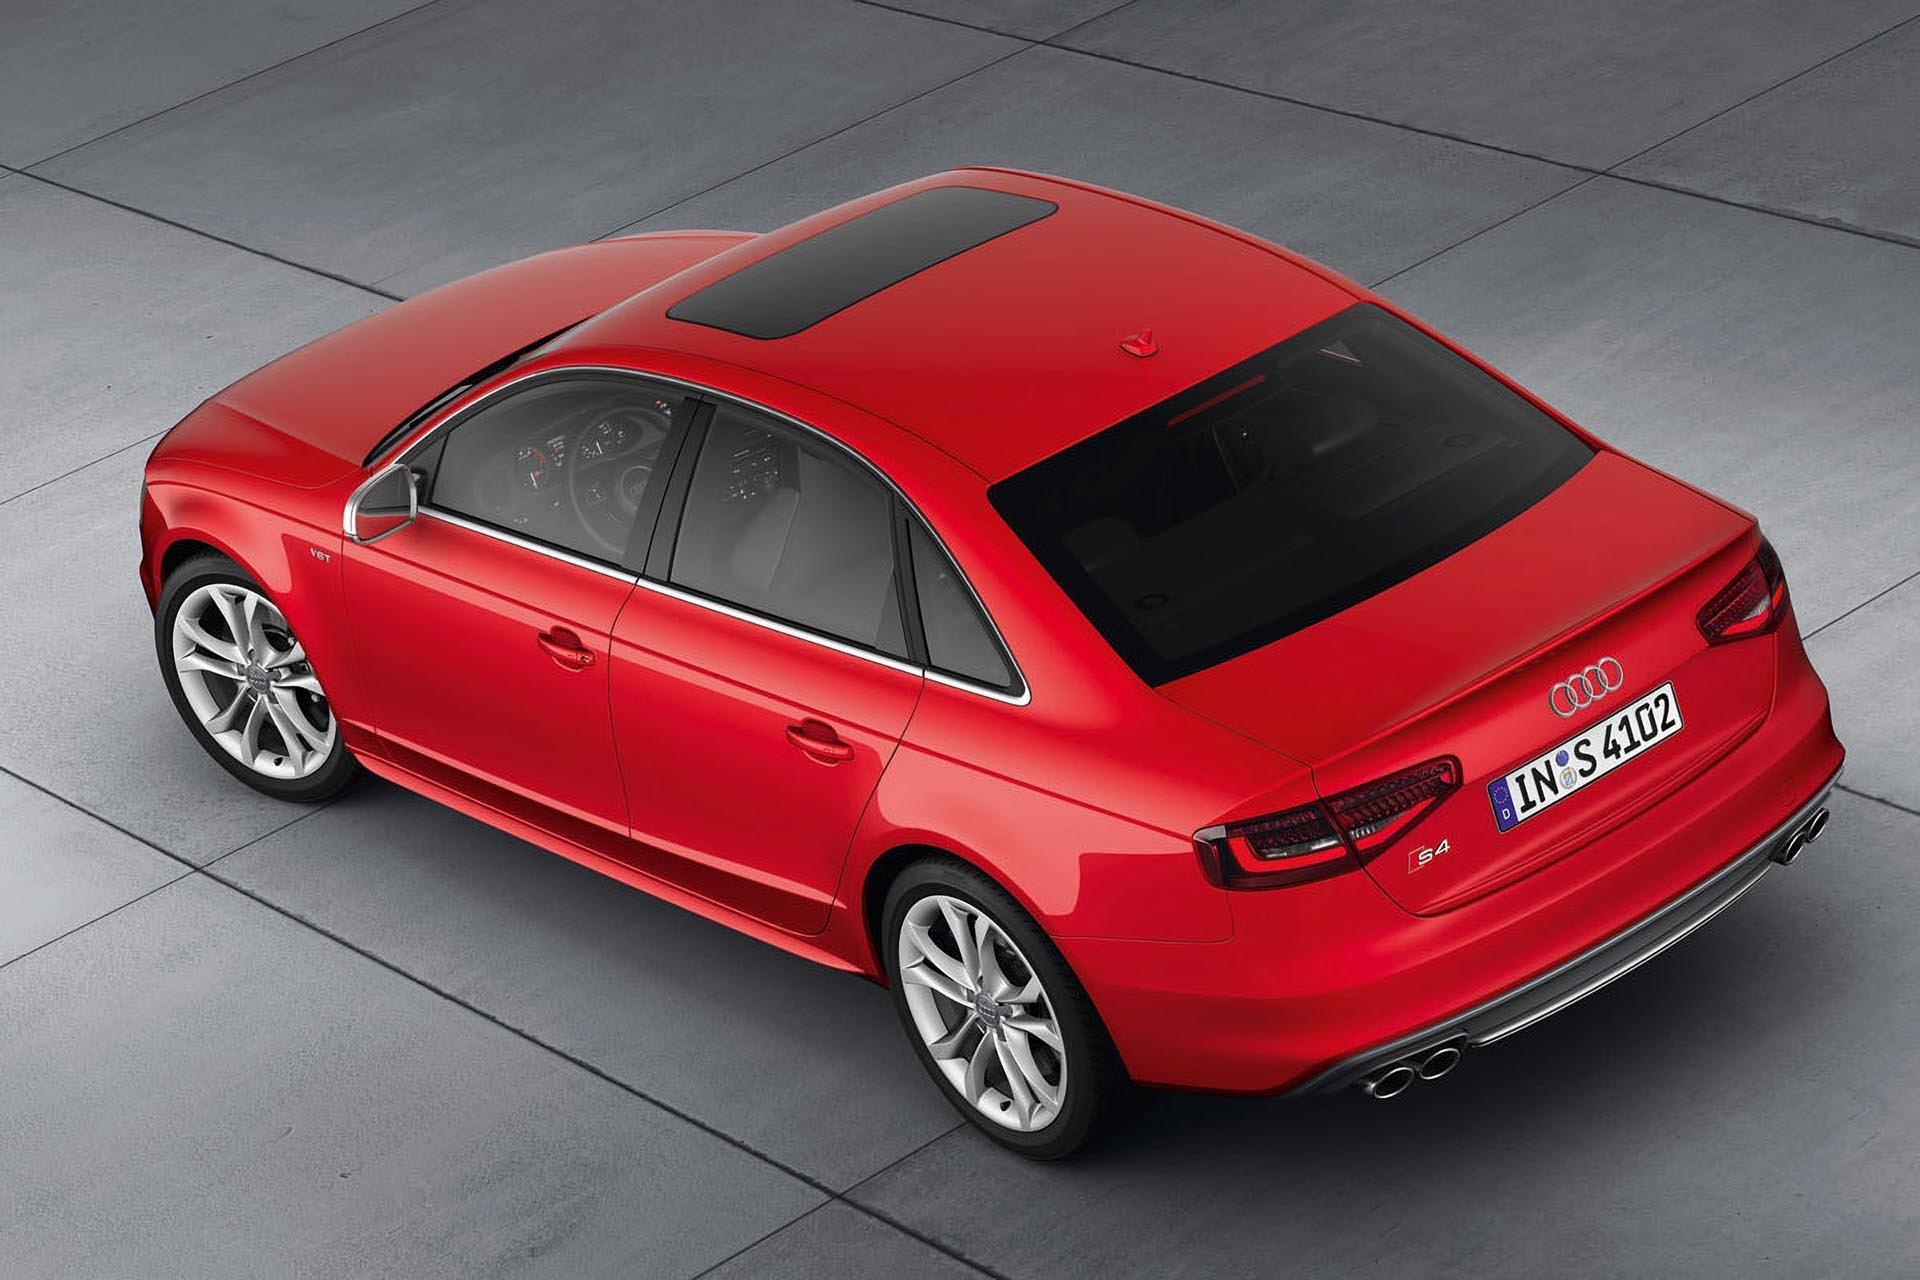 09_Audi B8.5 S4 upper rear